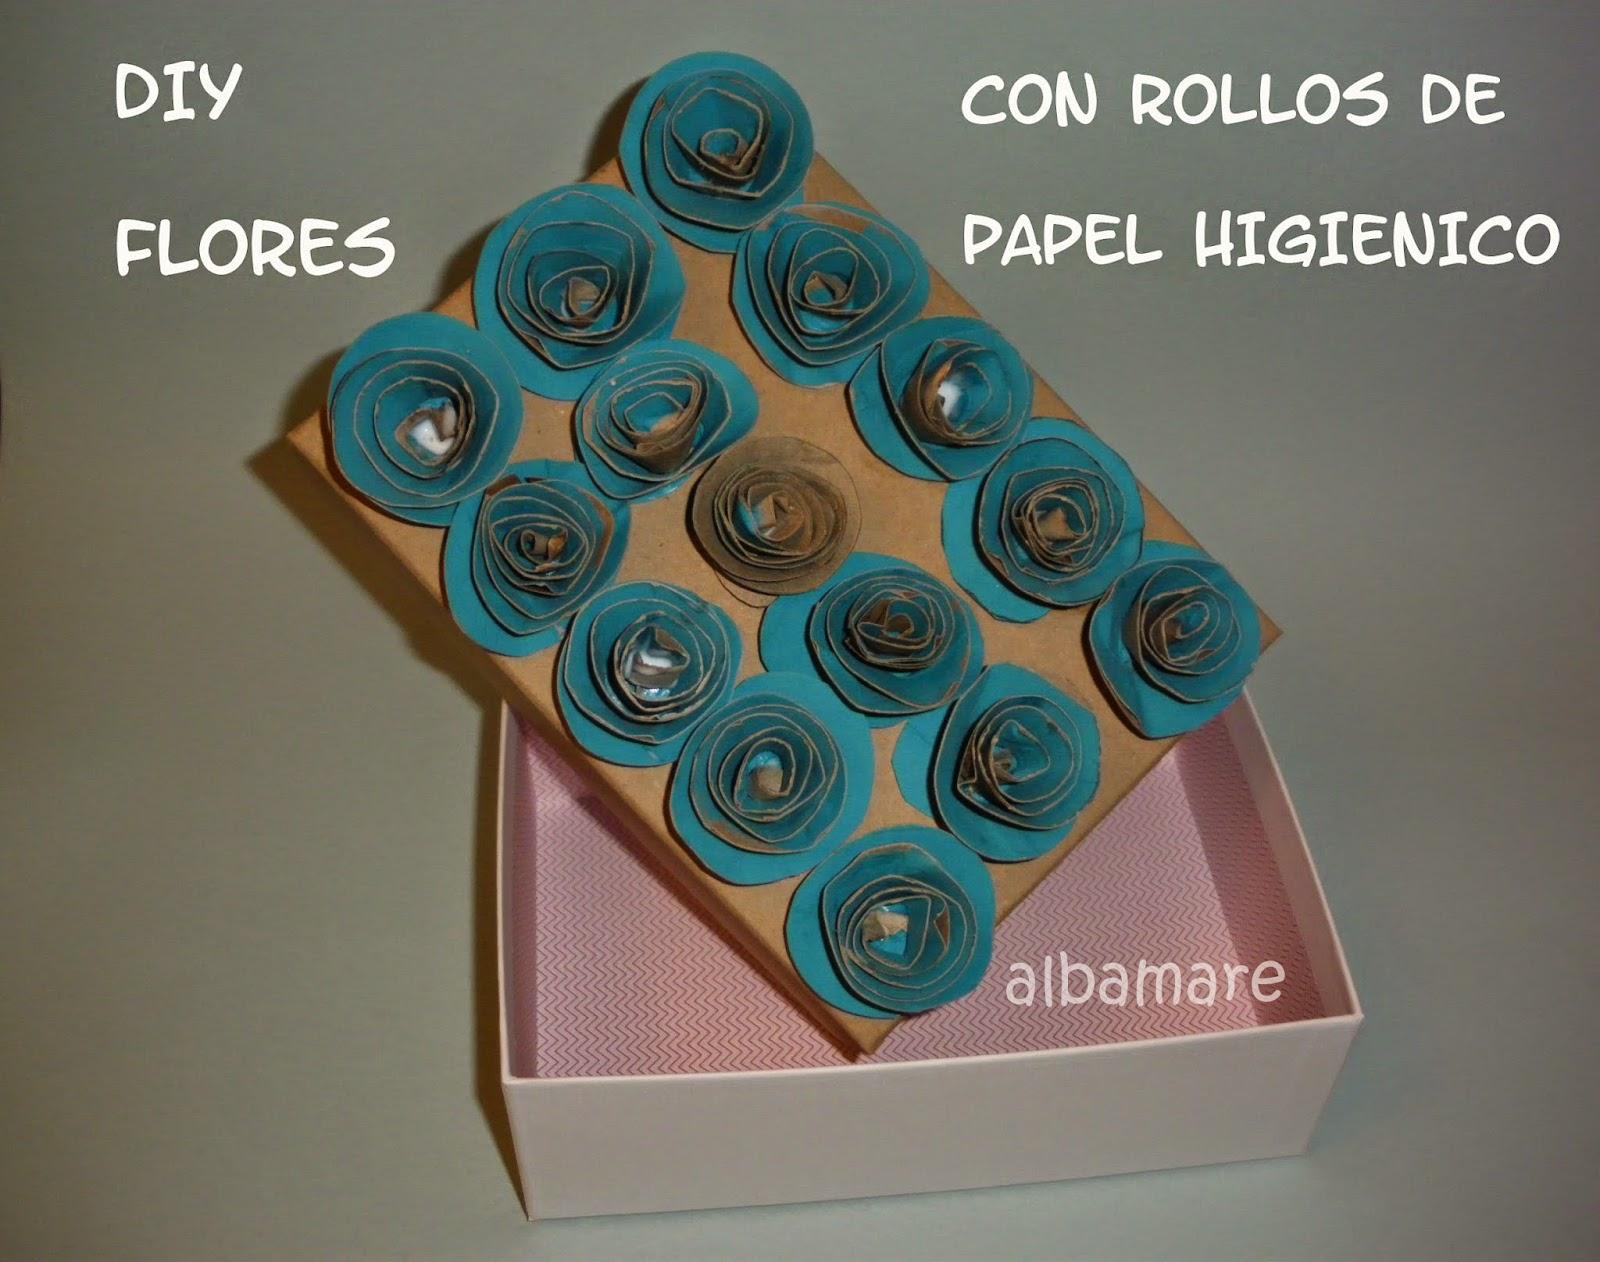 http://albamaremanualidades.blogspot.com/2015/05/diy-flores-con-rollos-de-papel.html